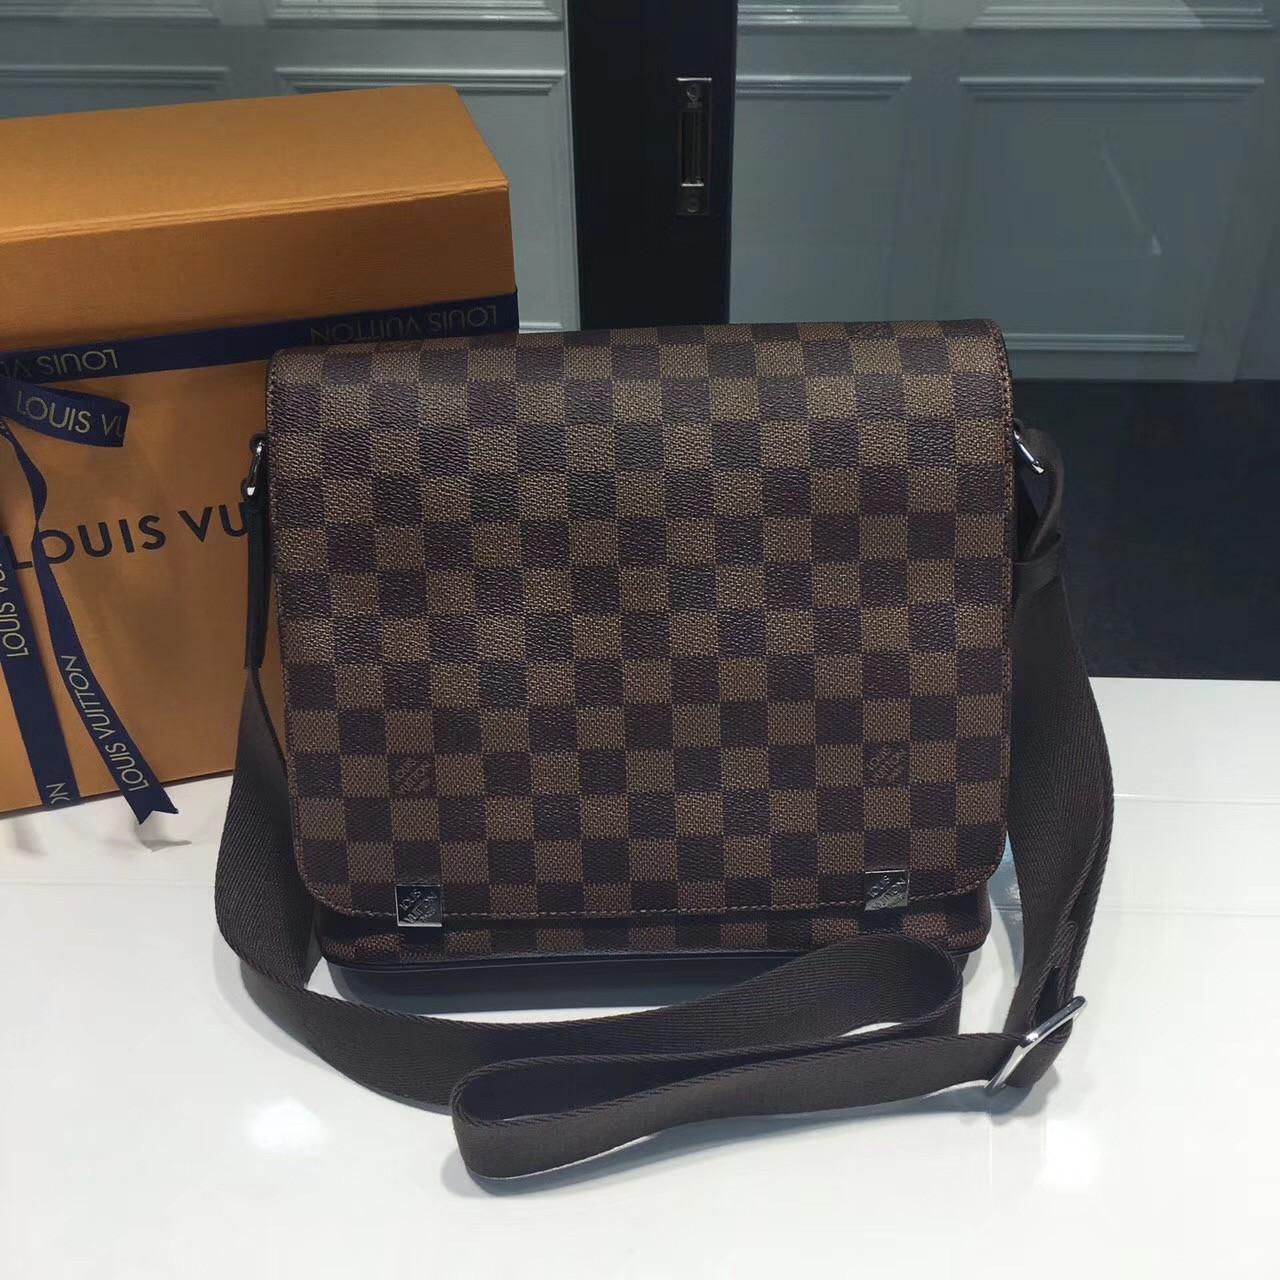 Мужская сумка мессенджер - Louis Vuitton District GM   vkstore.com.ua 369e85064cb